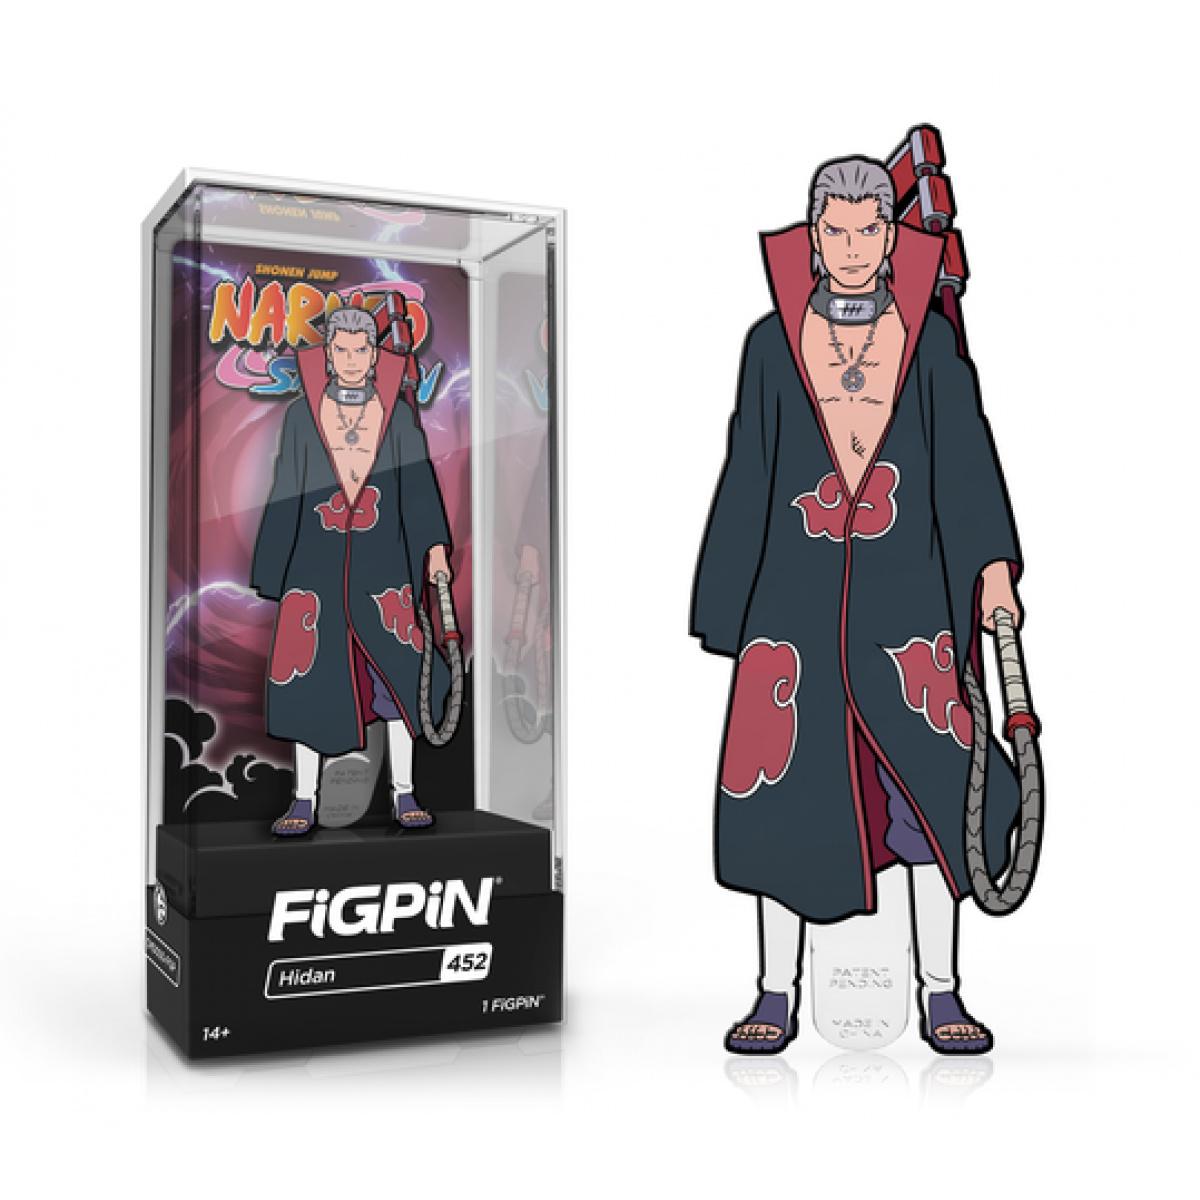 Naruto Shippuden Hidan FiGPiN Classic Enamel Pin Pins 4